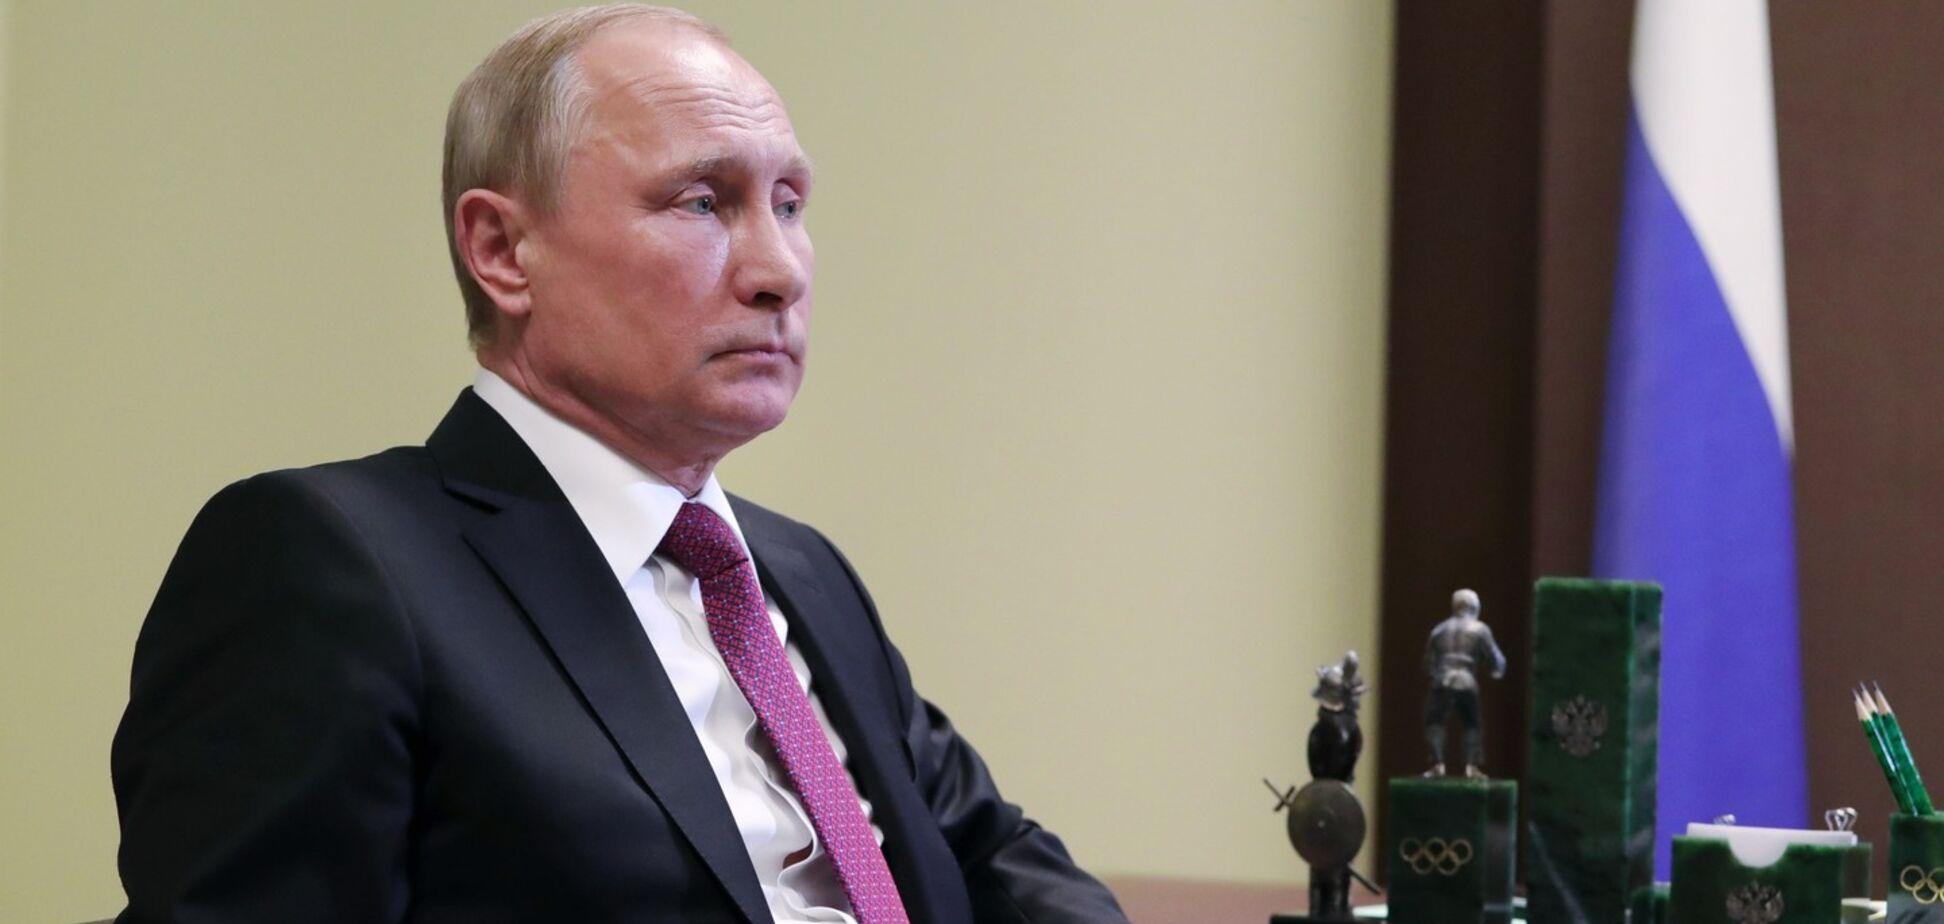 Пескову уже влетело: как Путин облажался в интервью